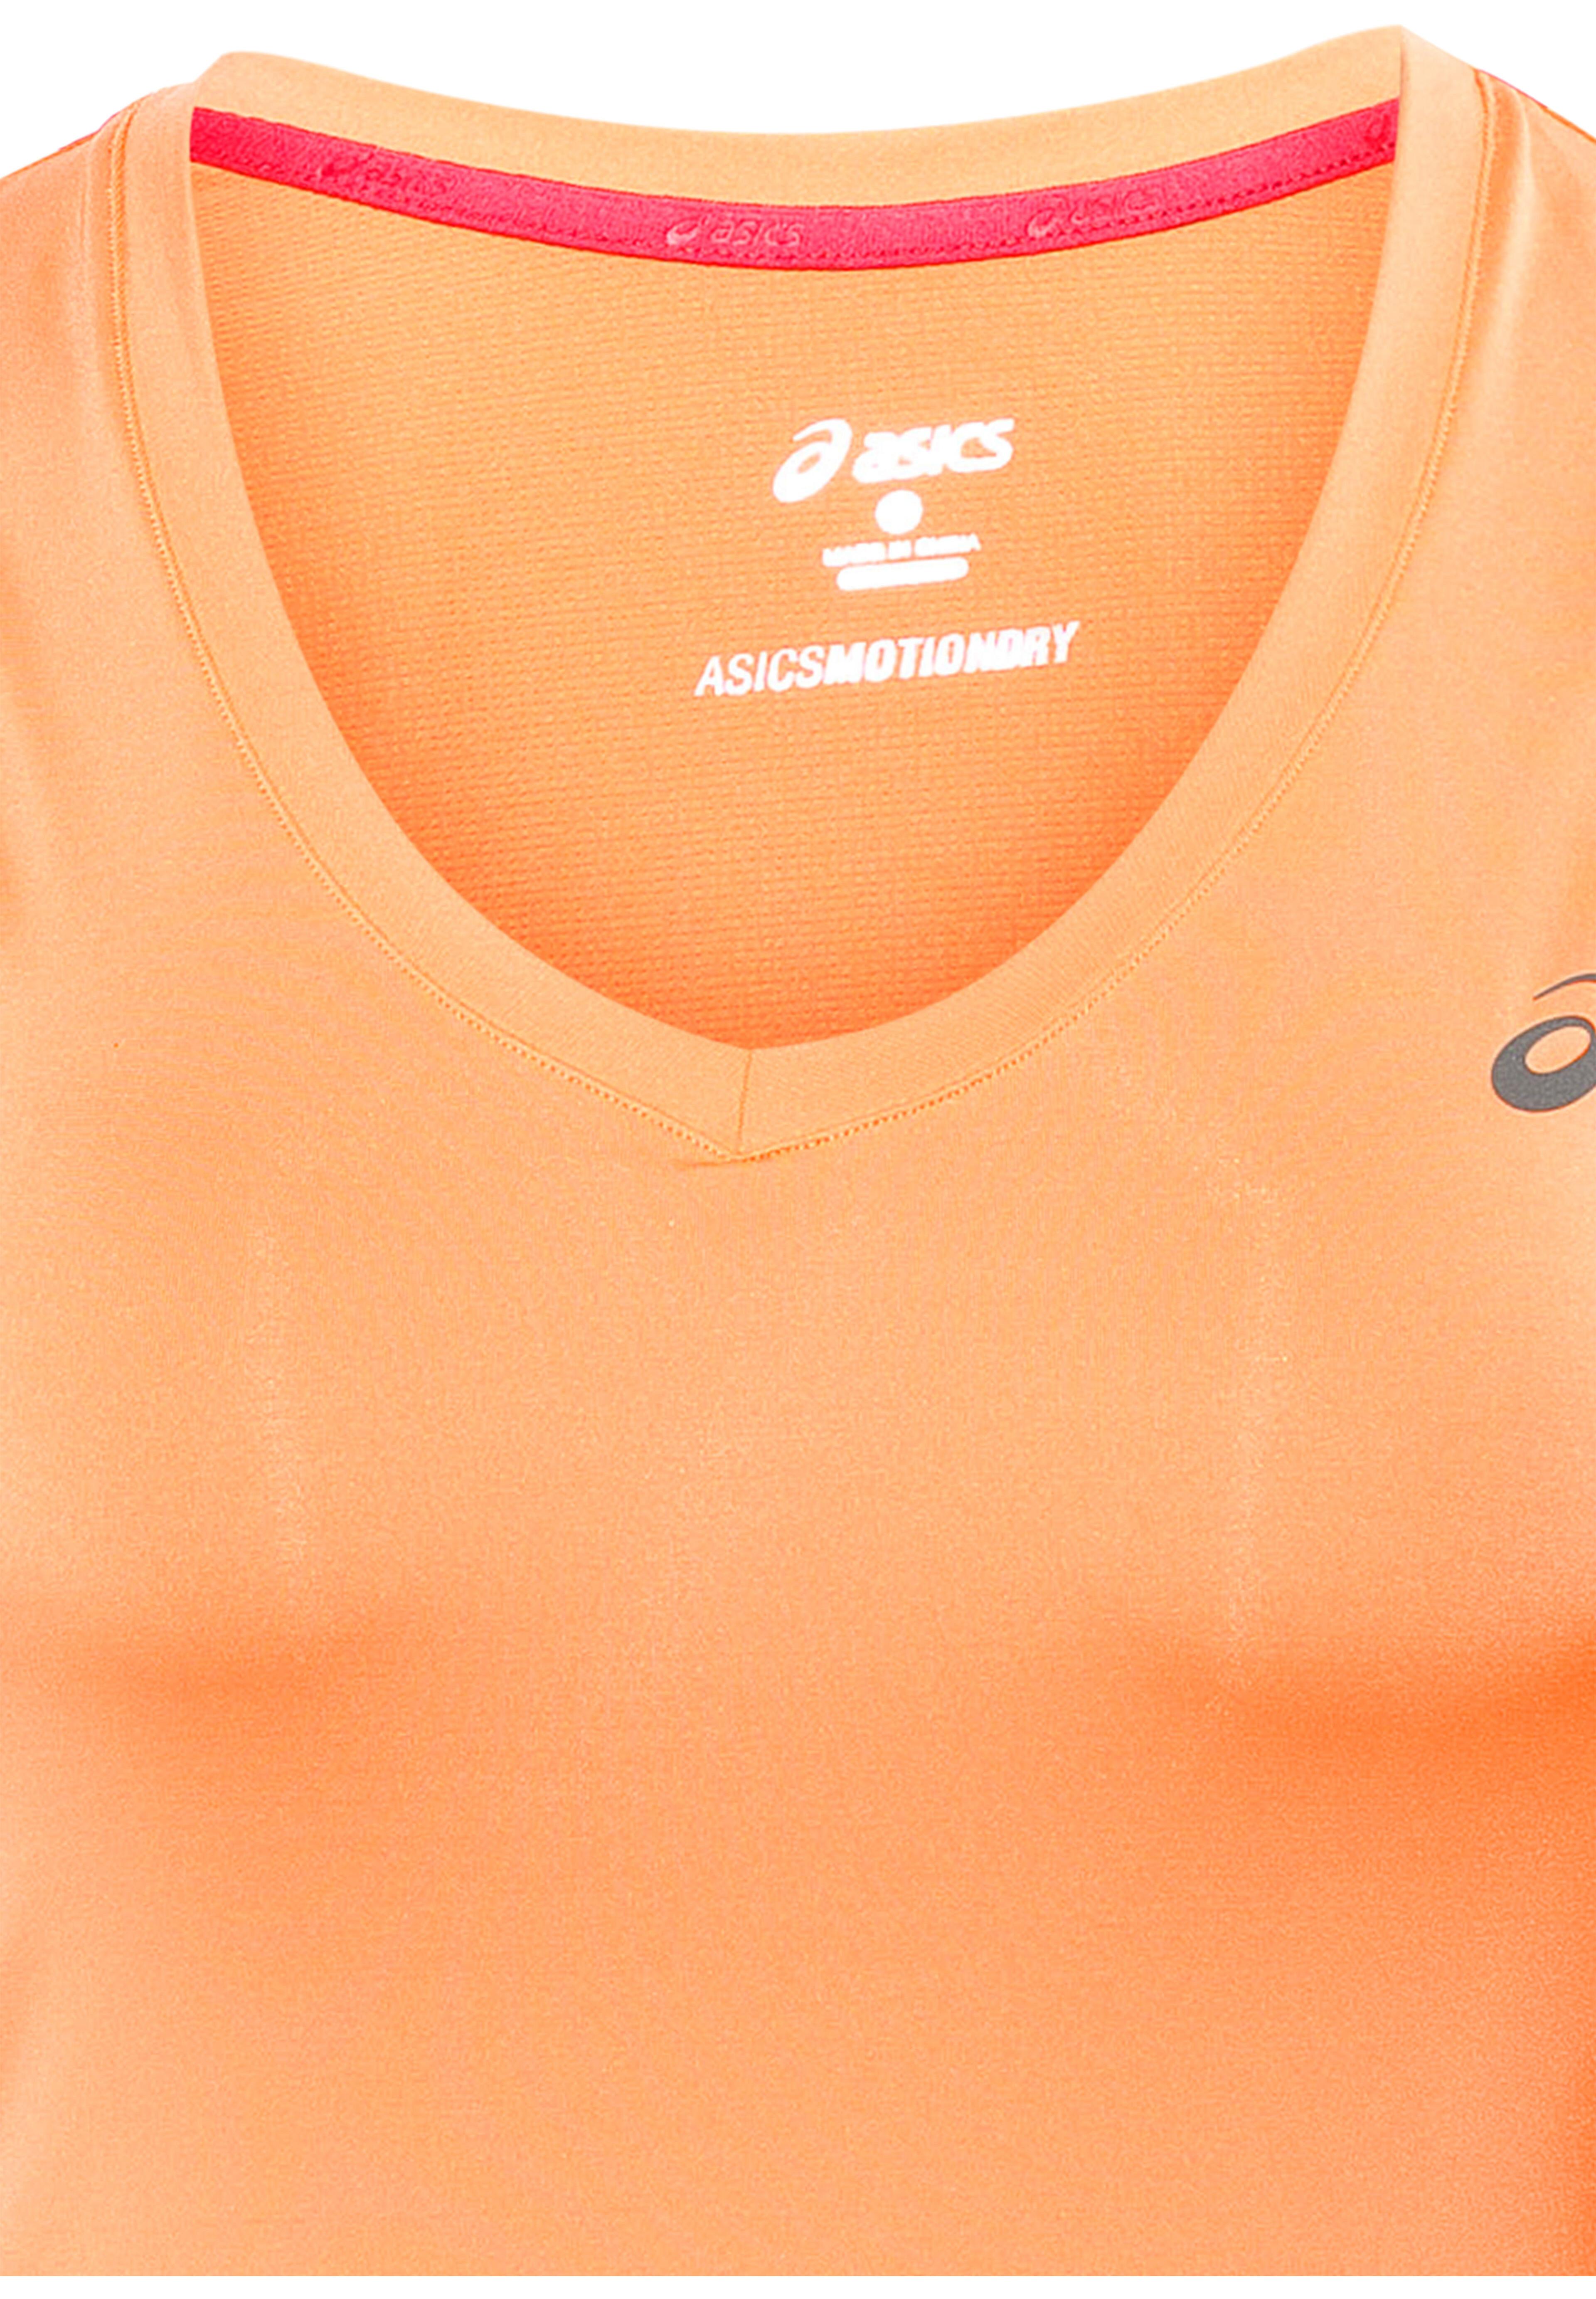 280d2cdeae1 asics Tank Top Hardloopshirt korte mouwen Dames oranje l Online ...